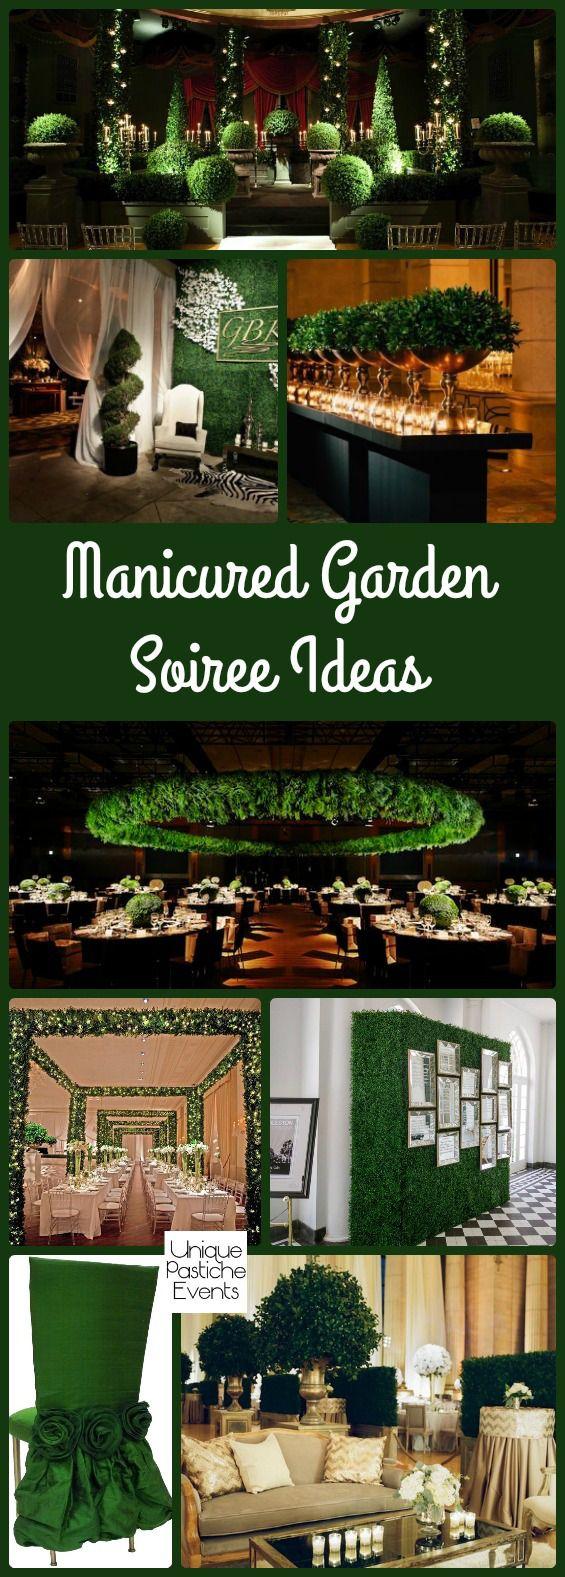 Manicured Garden Soiree Ideas #IdeaBoard #InspirationBoard